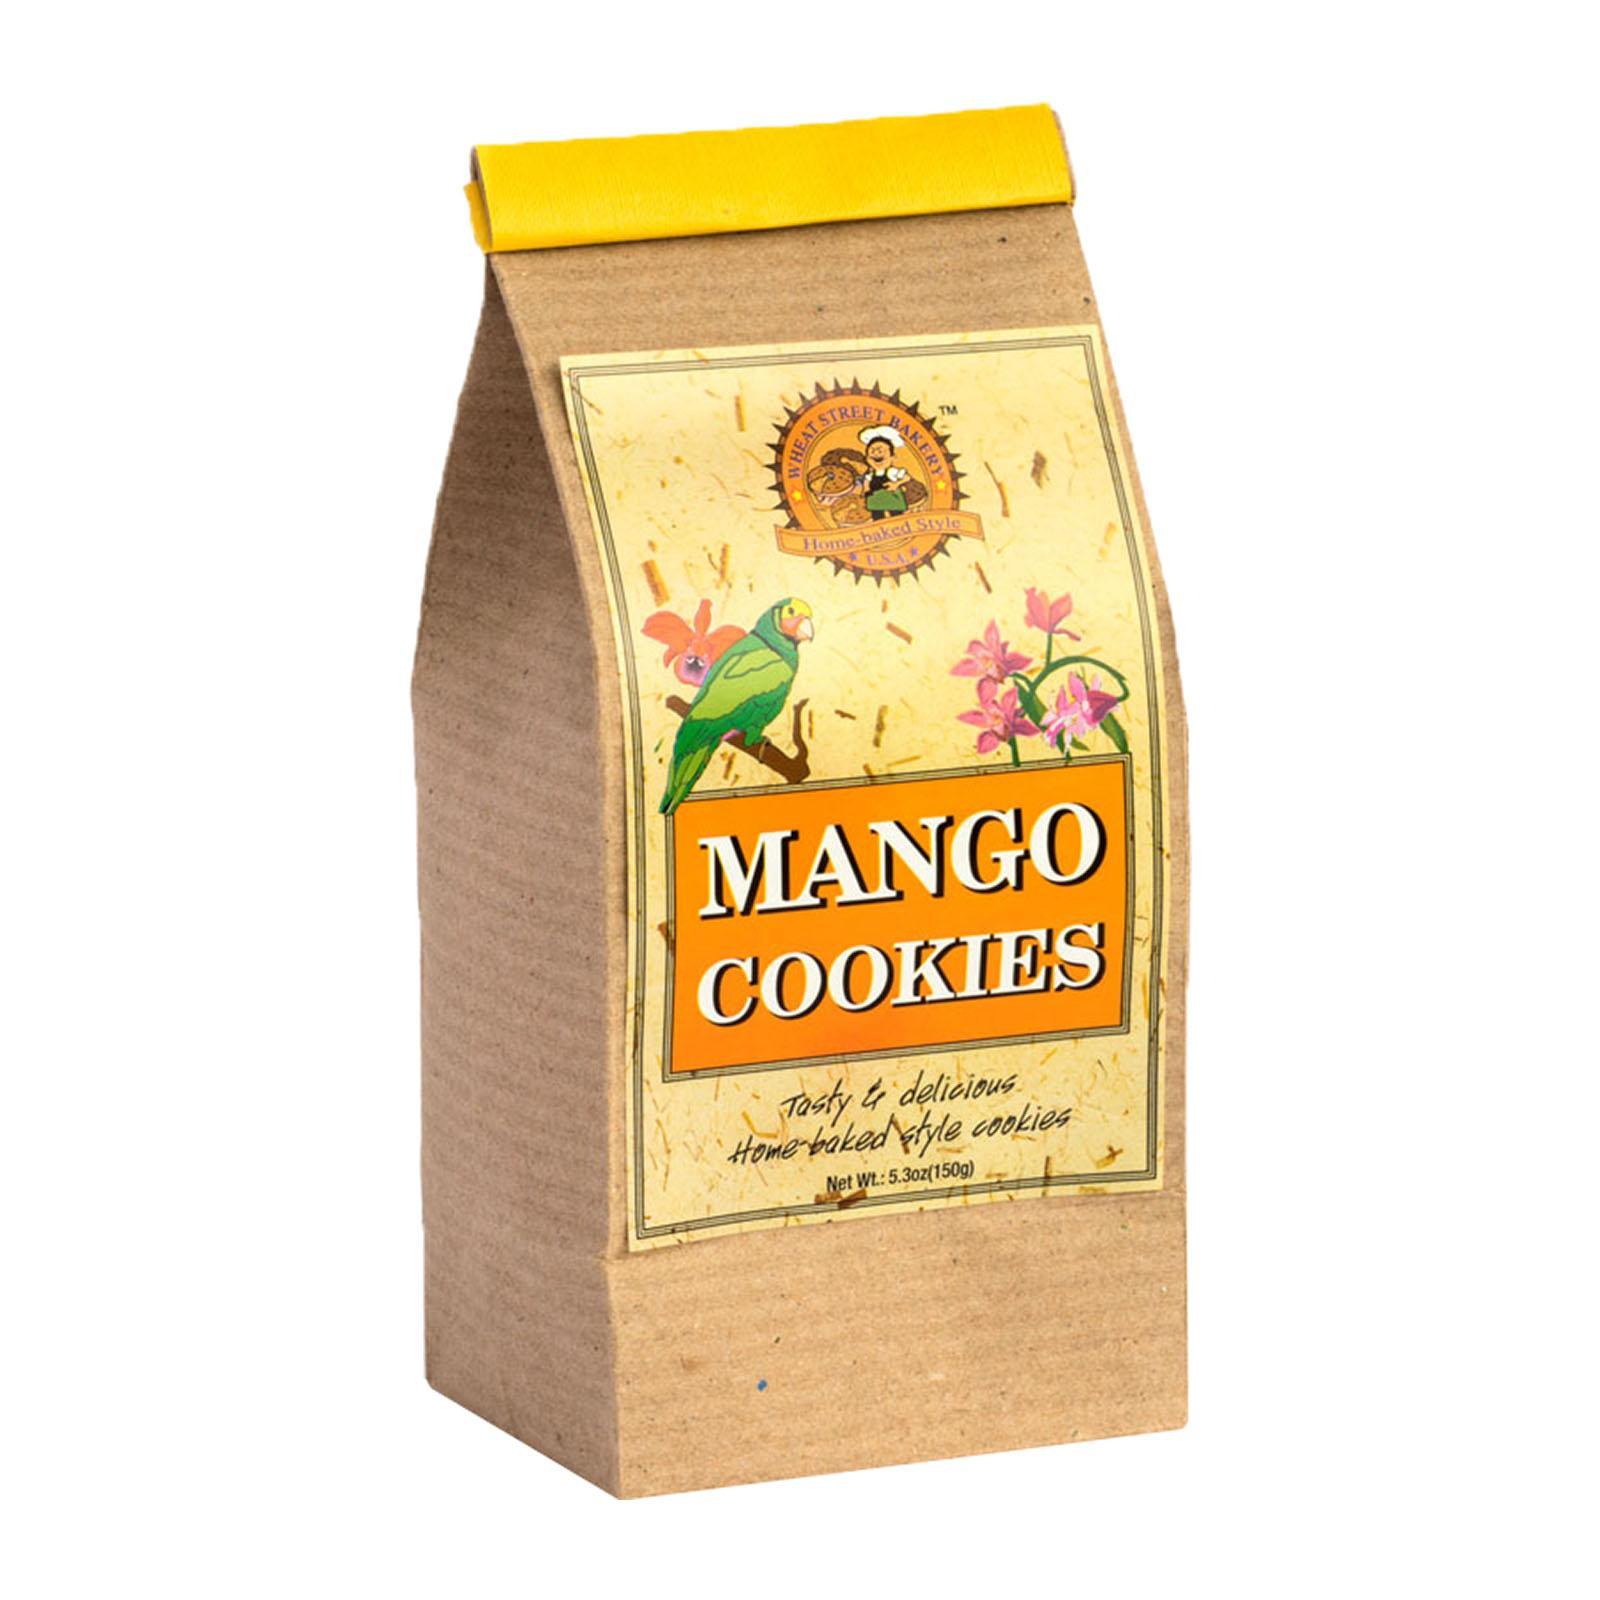 RainTree Baked Cookies - Mango Filled (10-Pack)